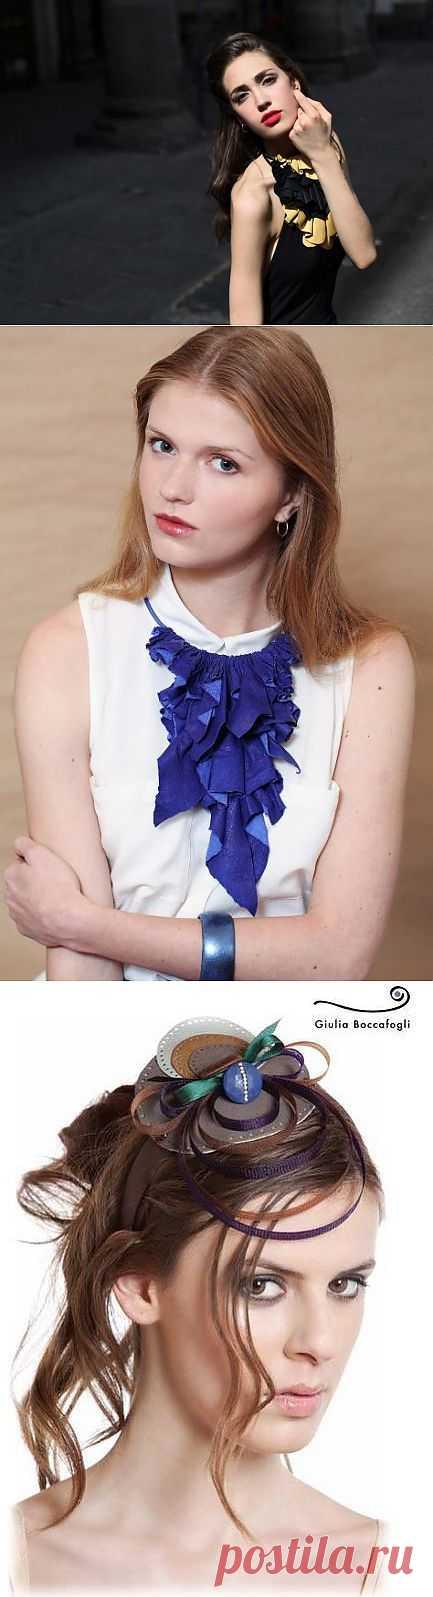 Кожаные украшения Giulia Boccafogli (трафик) / Украшения и бижутерия / Модный сайт о стильной переделке одежды и интерьера